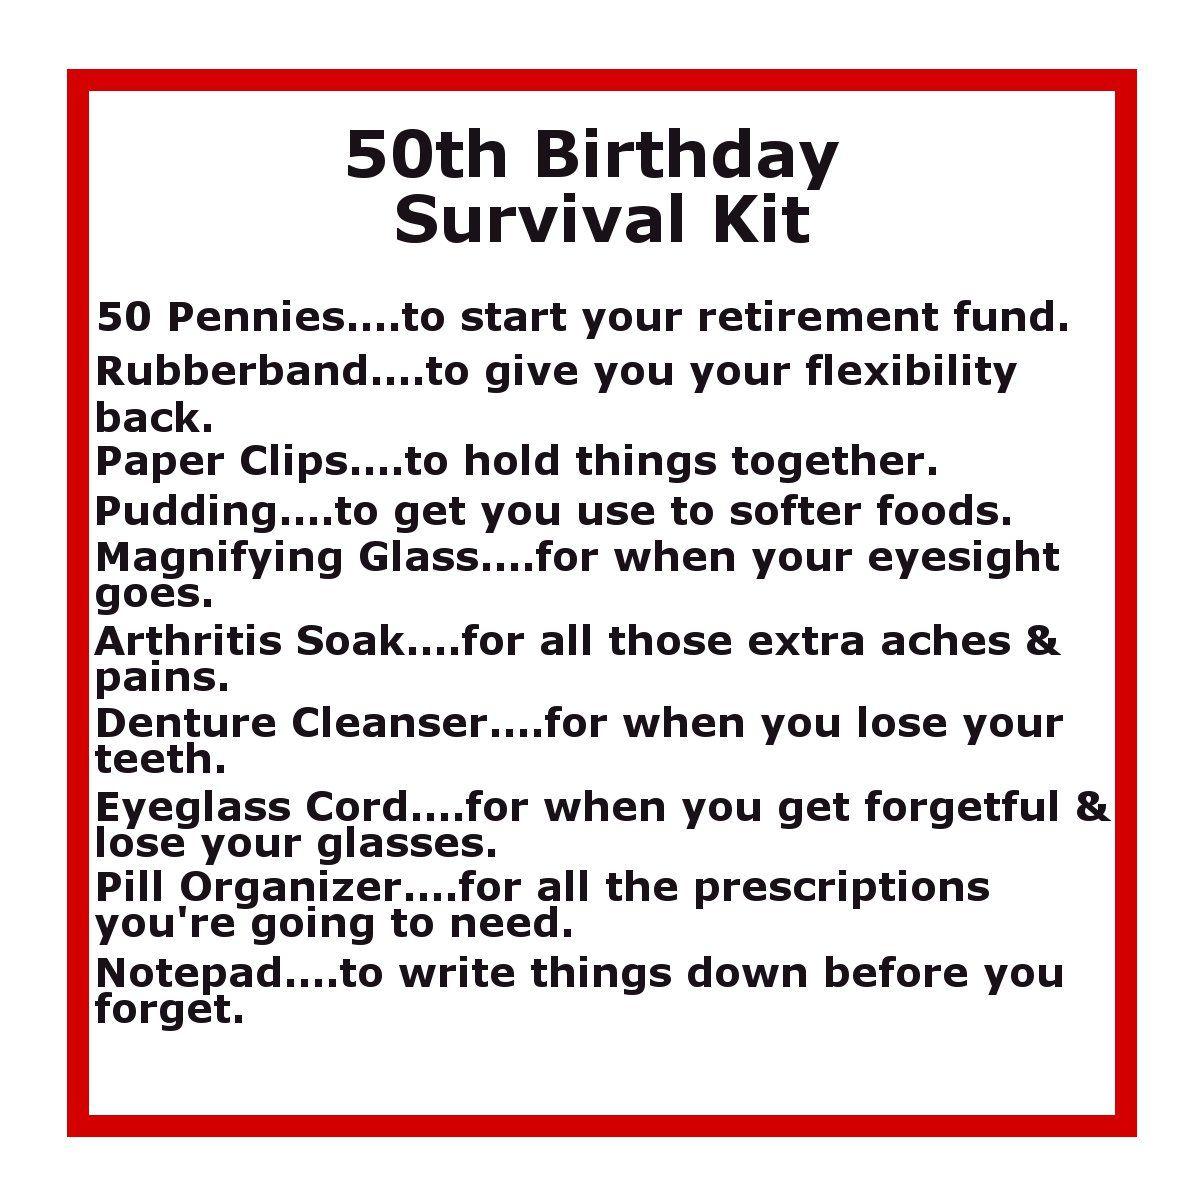 50th Birthday Survival Kit Birthday survival kit Survival kits